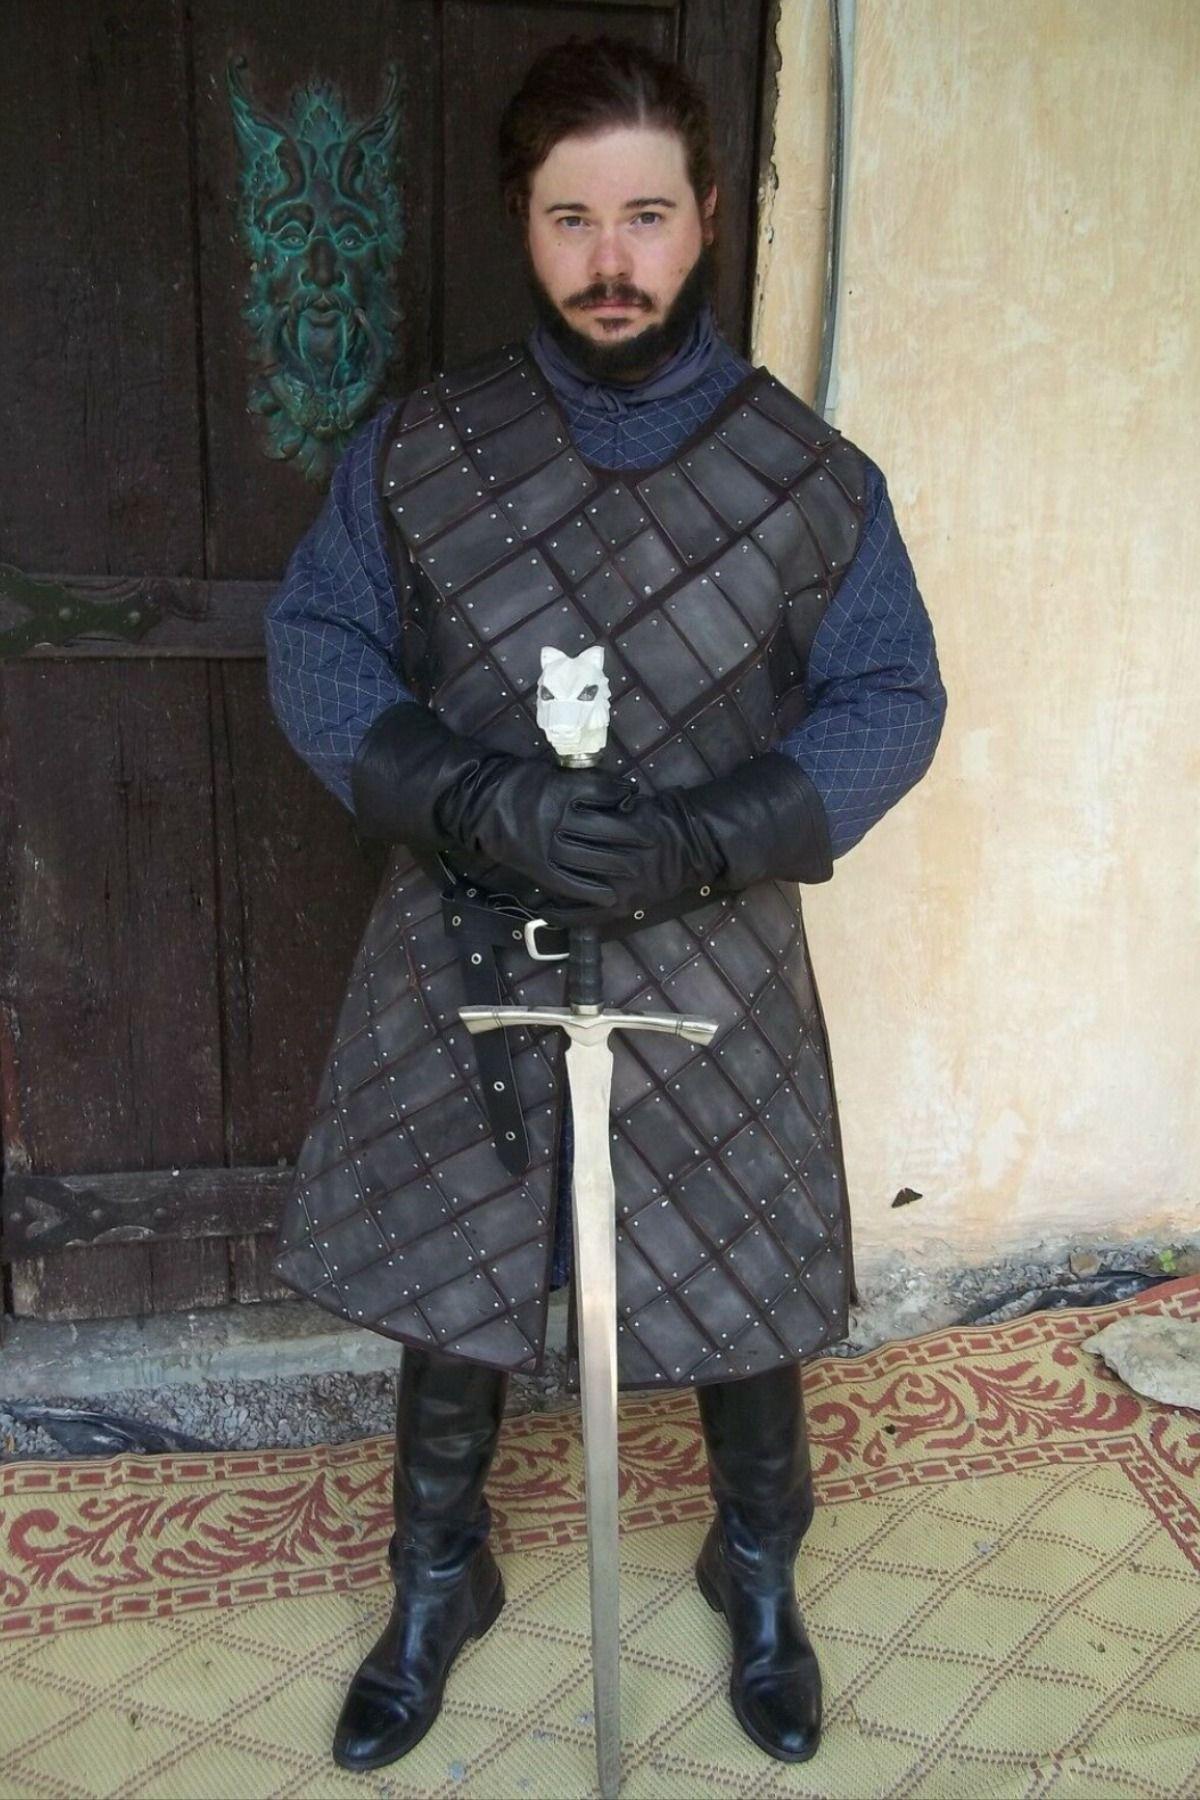 50+ Stark armor ideas